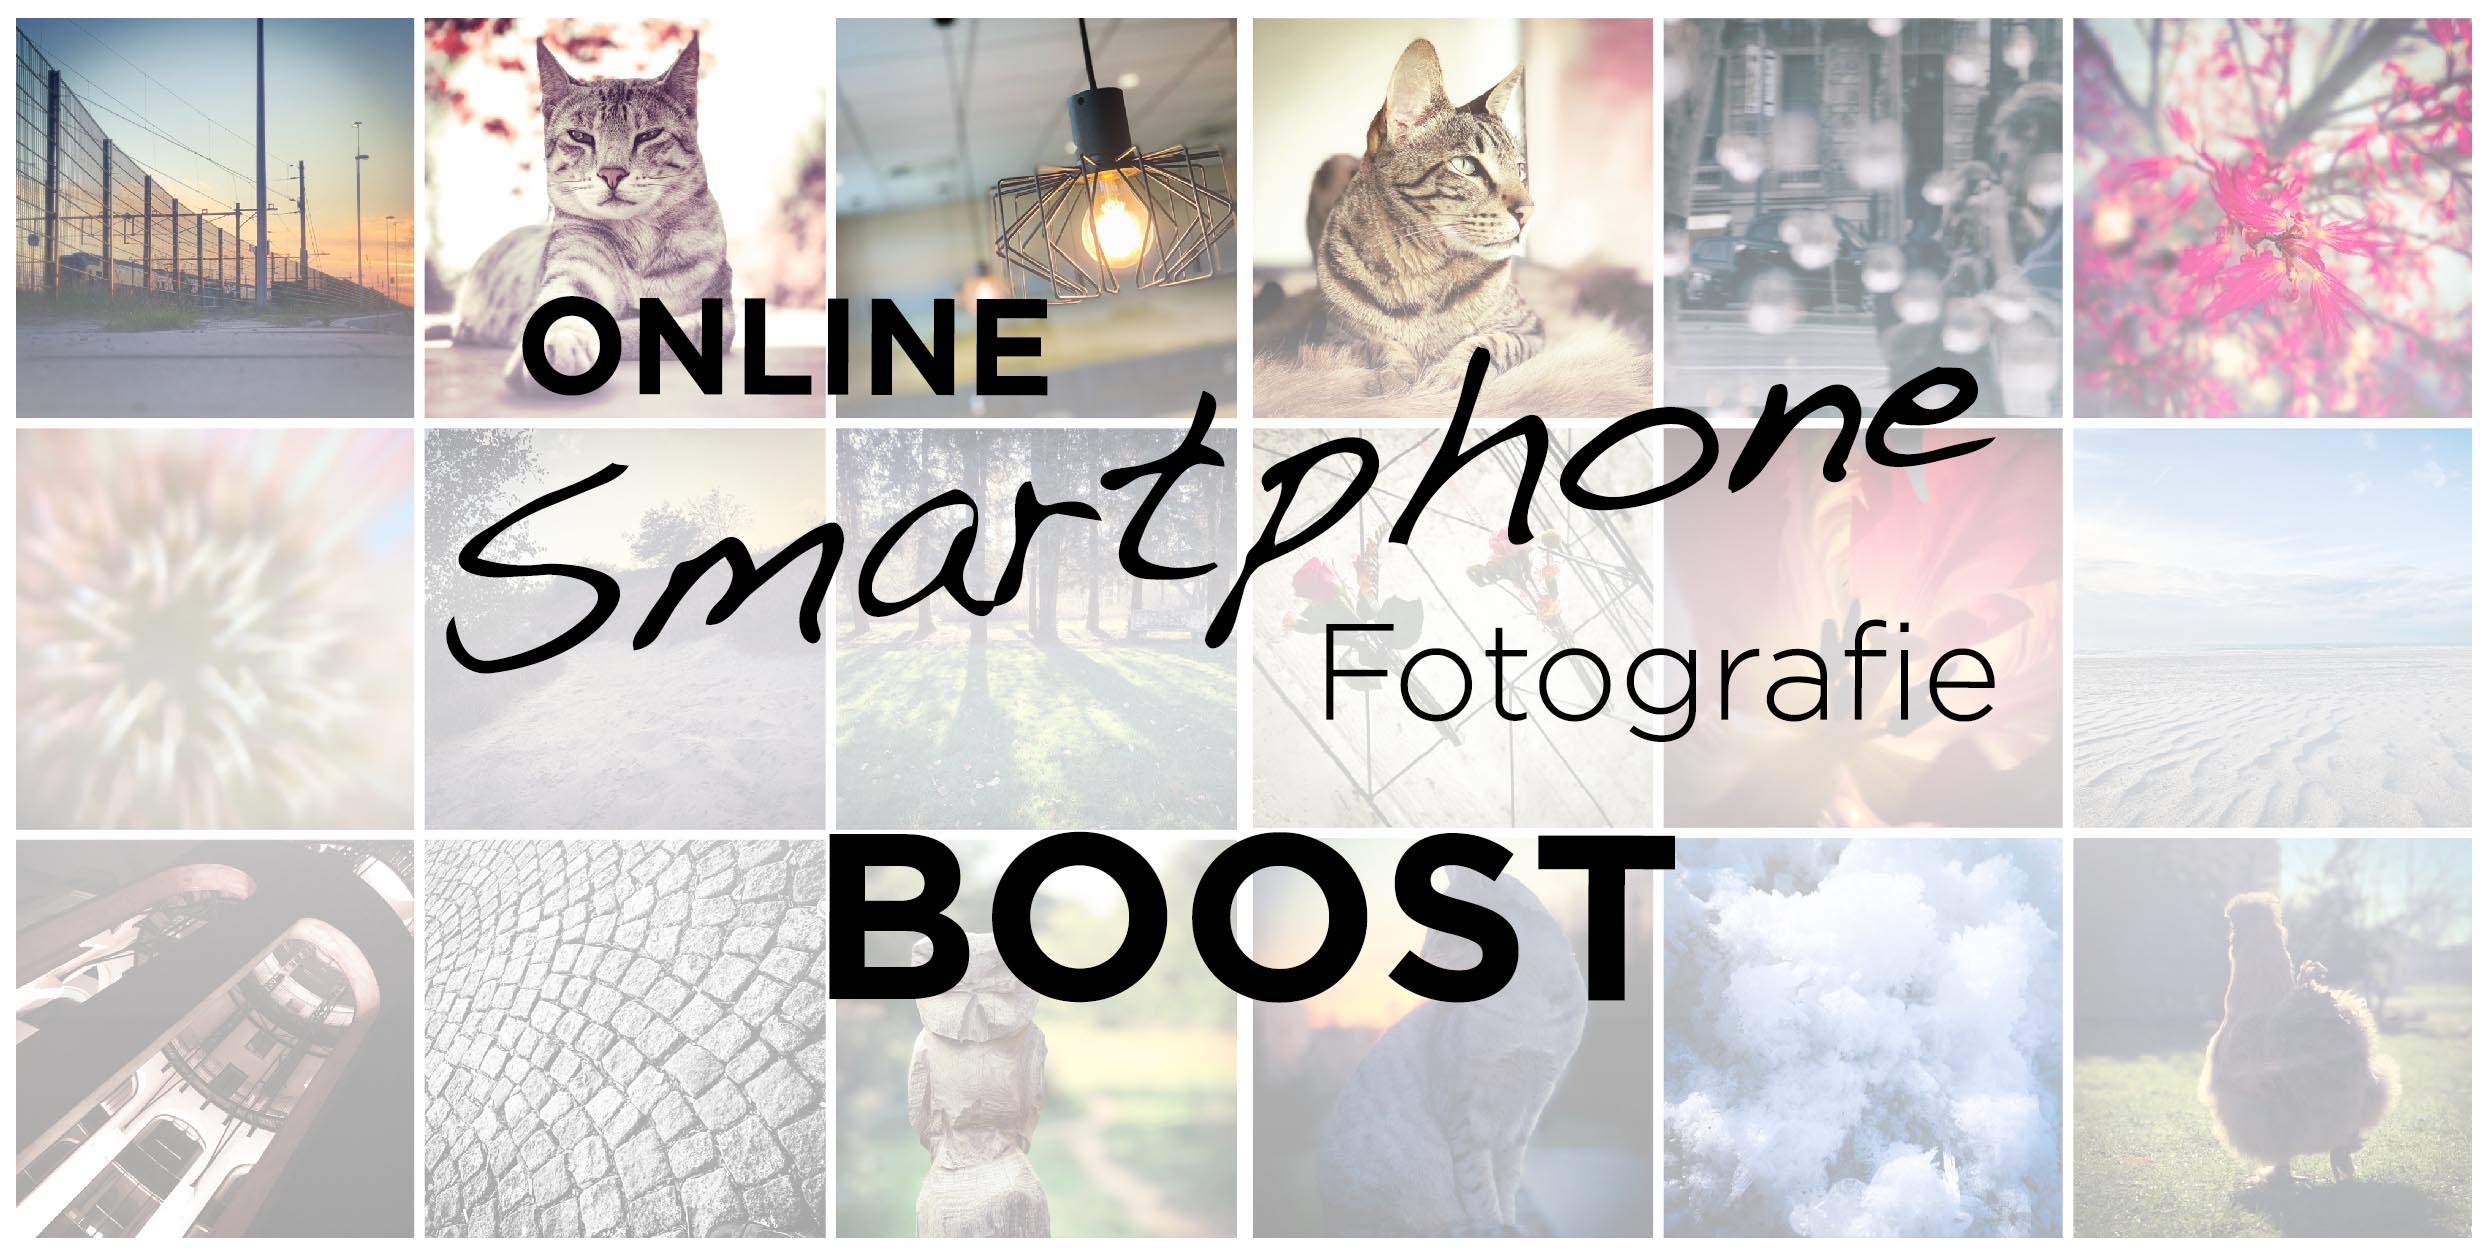 Online Smartphone Fotografie BOOST • Beter leren fotograferen met je smartphone @ La Sire